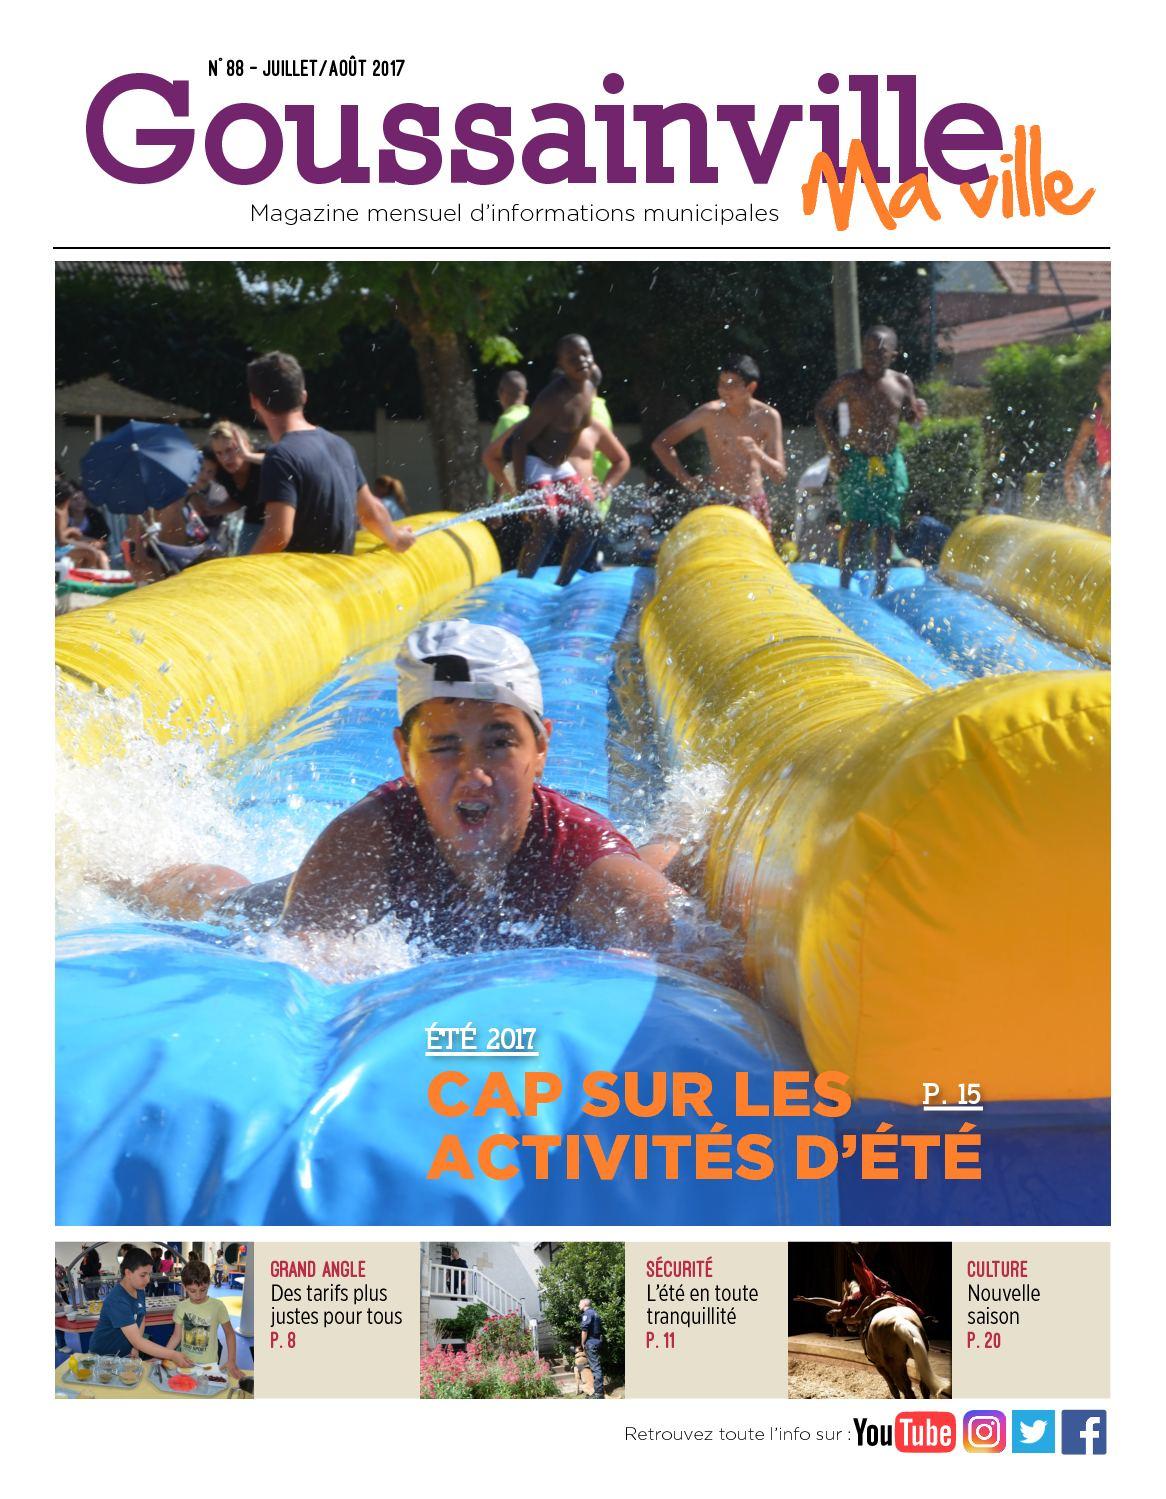 Calam o goussainville ma ville n 88 juillet ao t 2017 for Piscine de goussainville